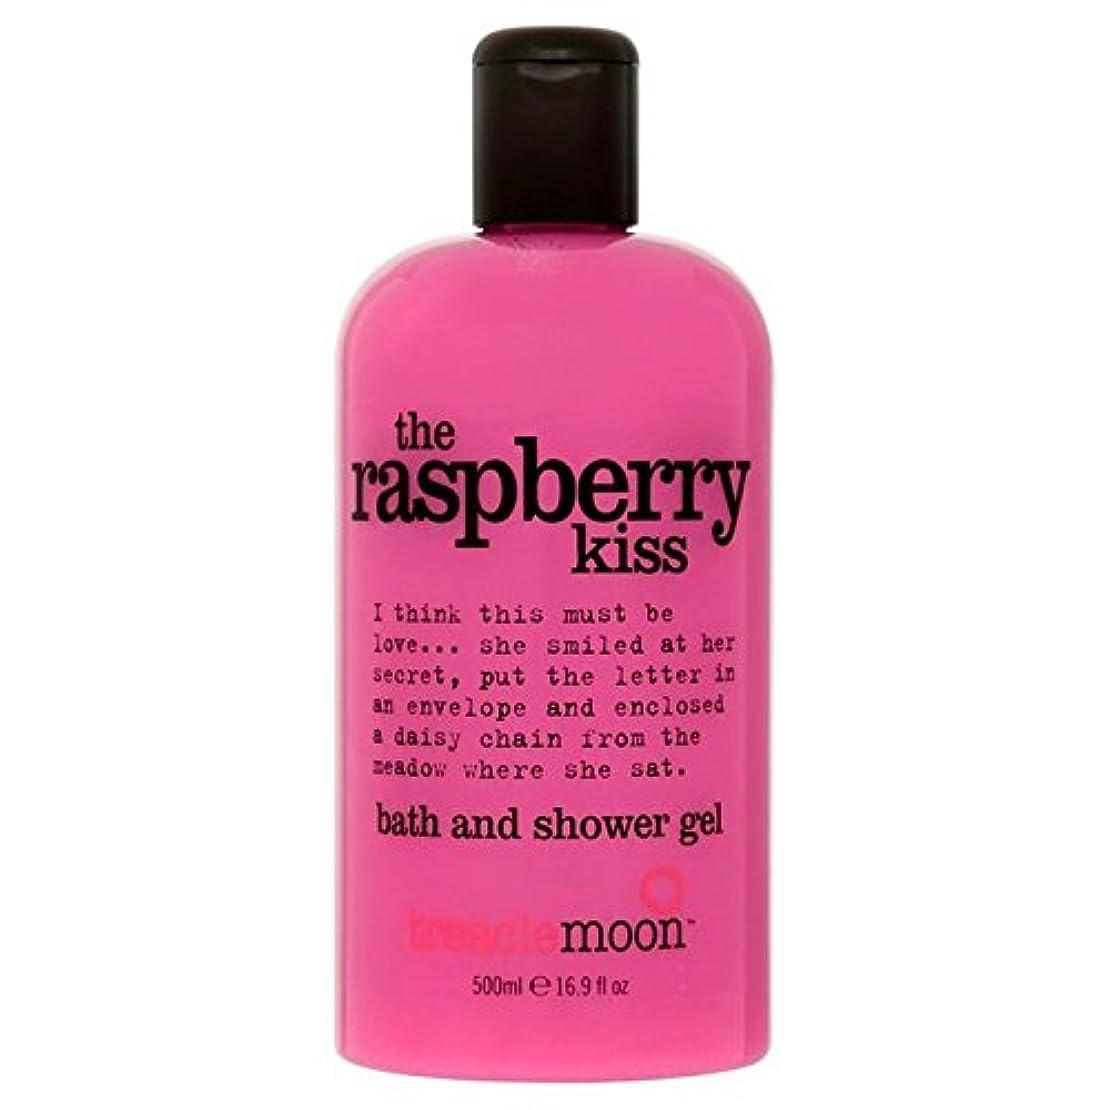 サーフィンモジュール遠征糖蜜ムーンラズベリーバス&シャワージェル500ミリリットル x4 - Treacle Moon Raspberry Bath & Shower Gel 500ml (Pack of 4) [並行輸入品]